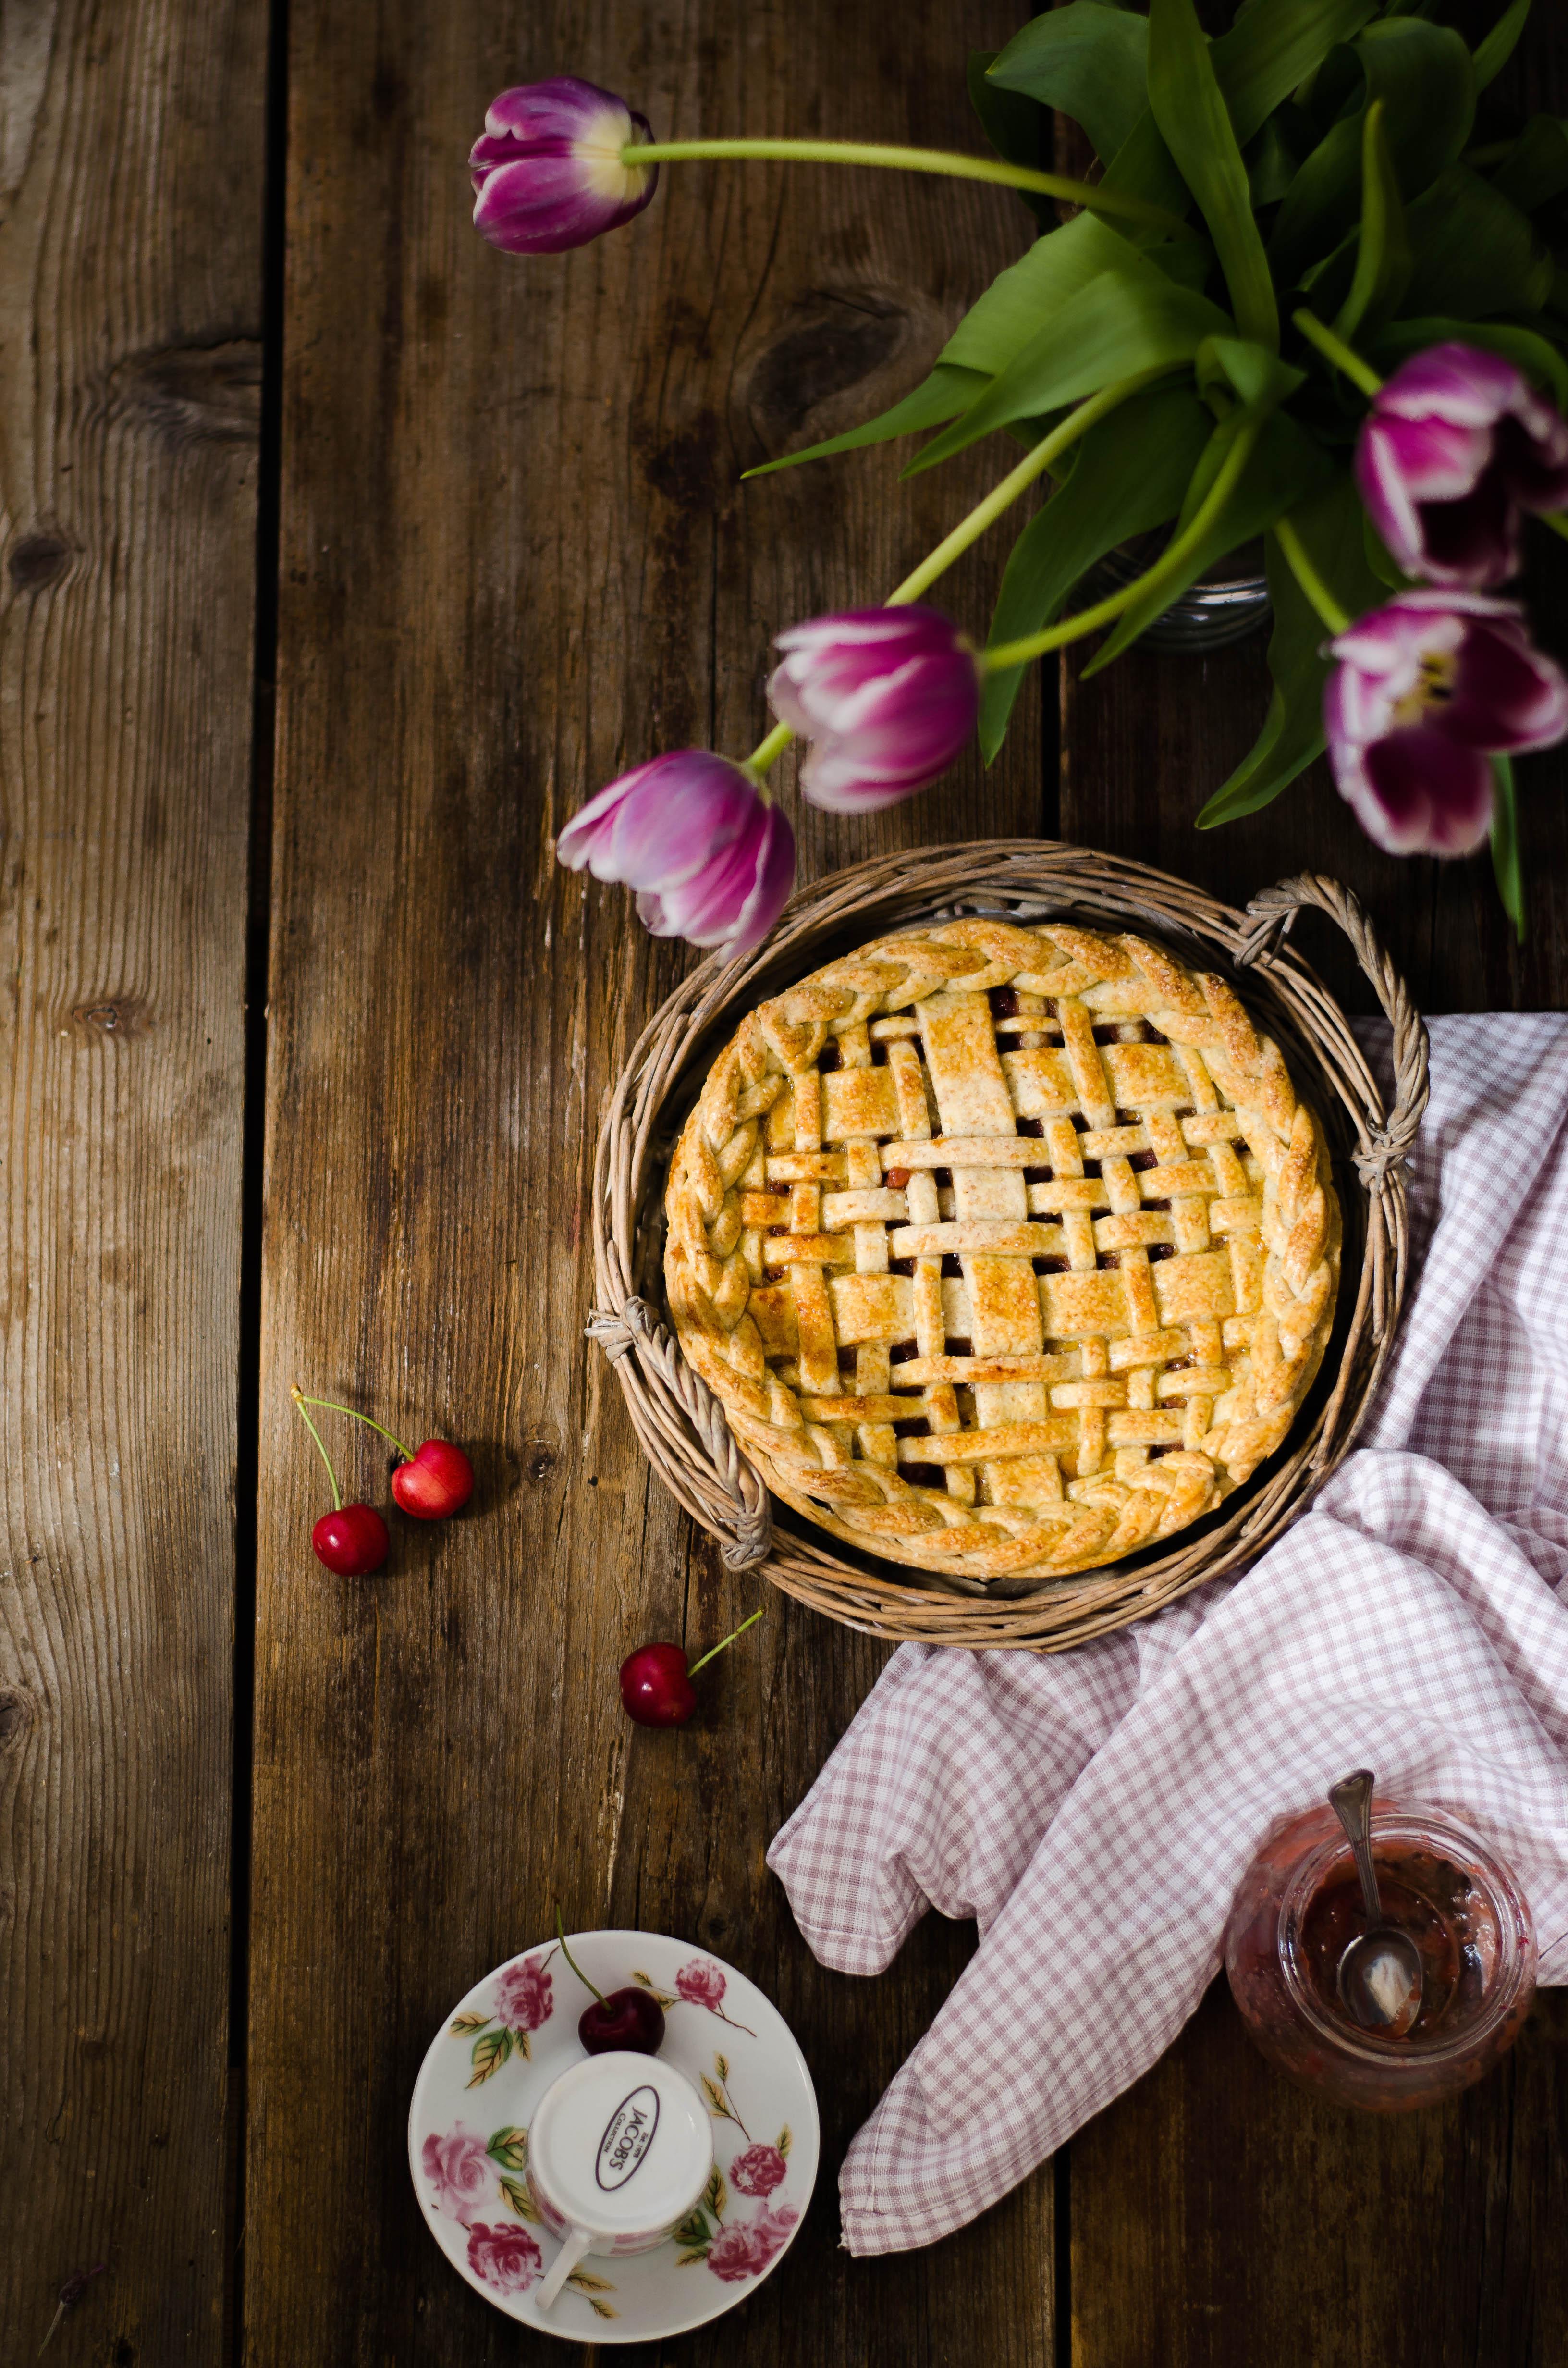 Pie_integrale_ciliegie1 Pie integrale con confettura di ciliegie